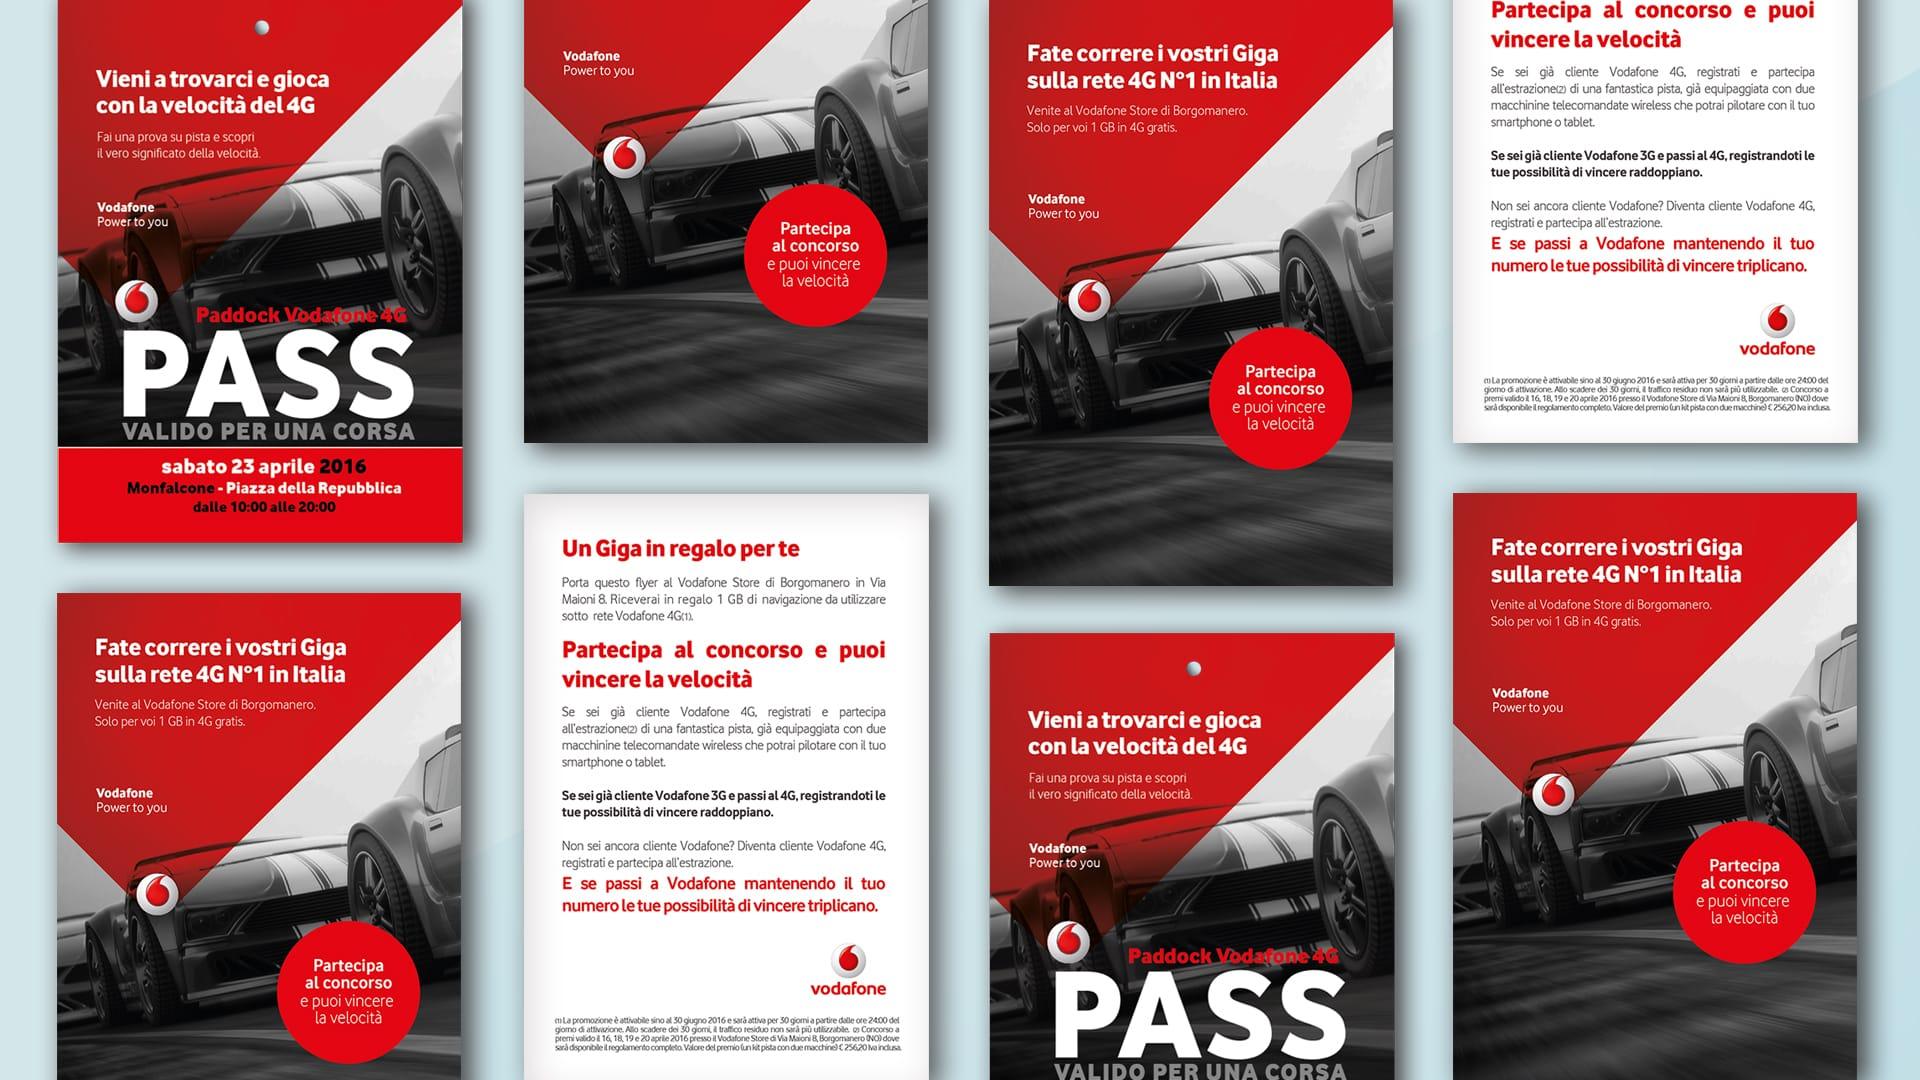 web-portfolio-vodafone-4g-grafica-eventi-flyer-paddock-composit